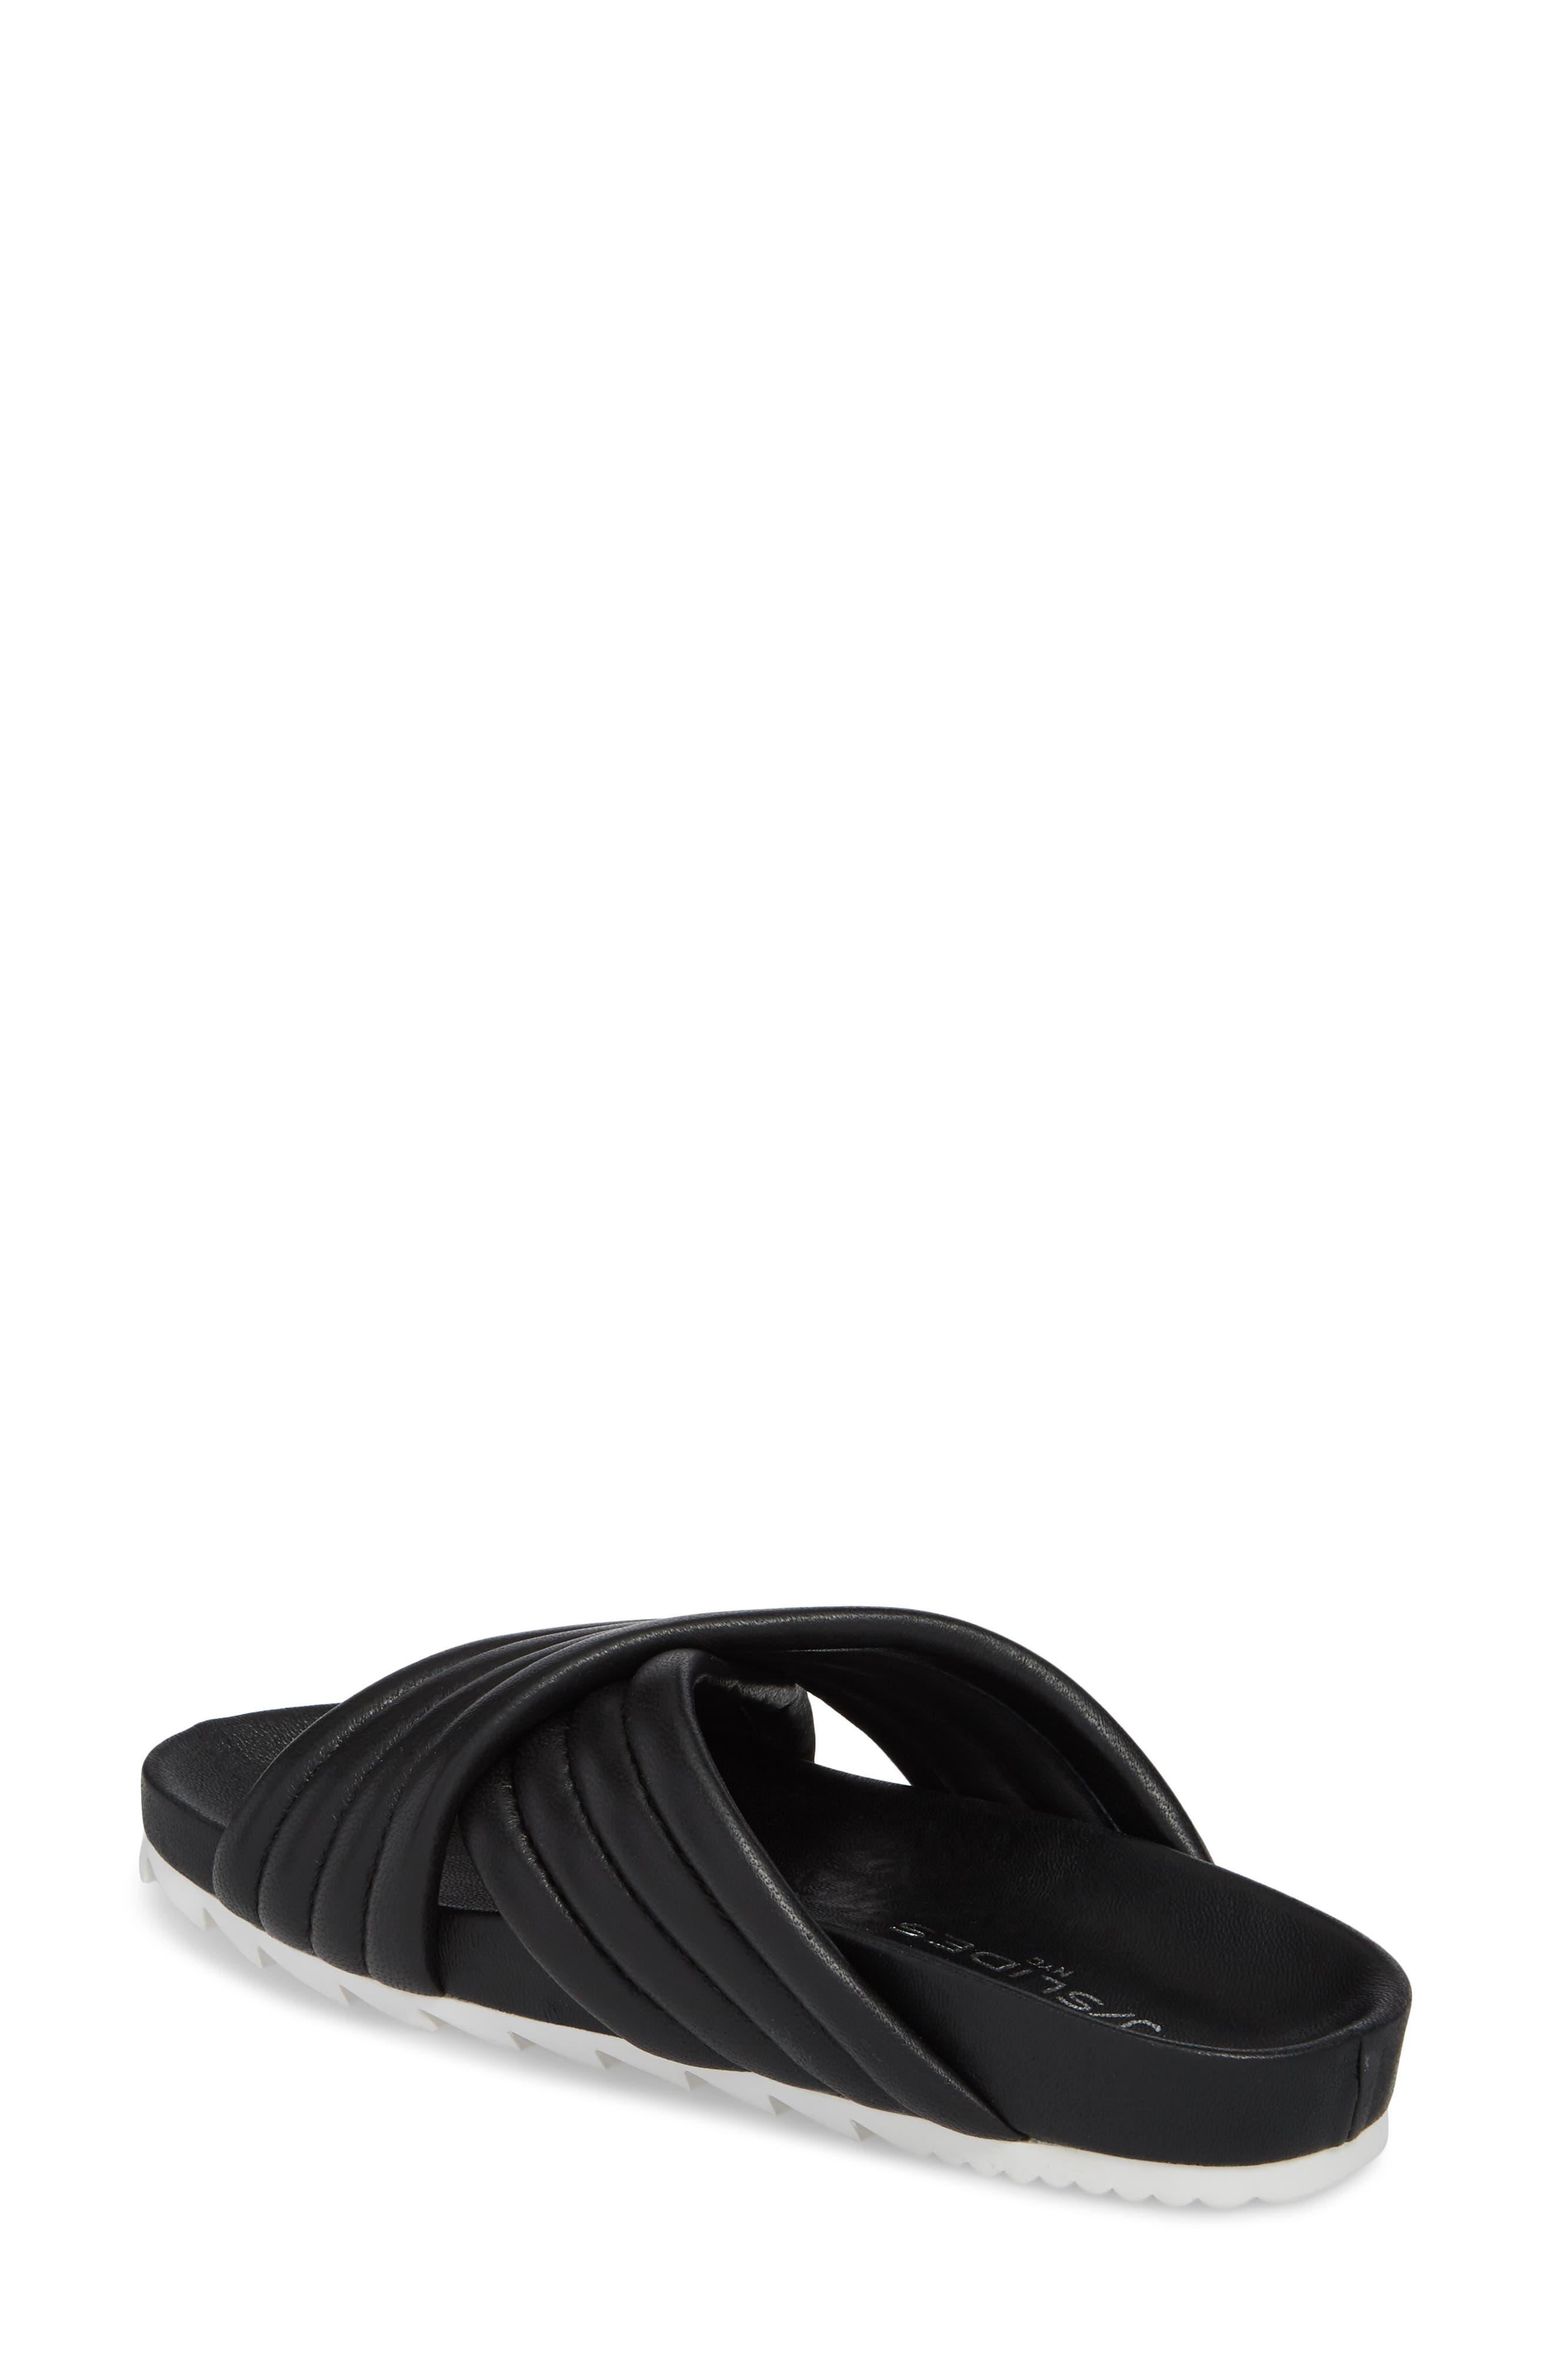 Easy Slide Sandal,                             Alternate thumbnail 2, color,                             BLACK LEATHER